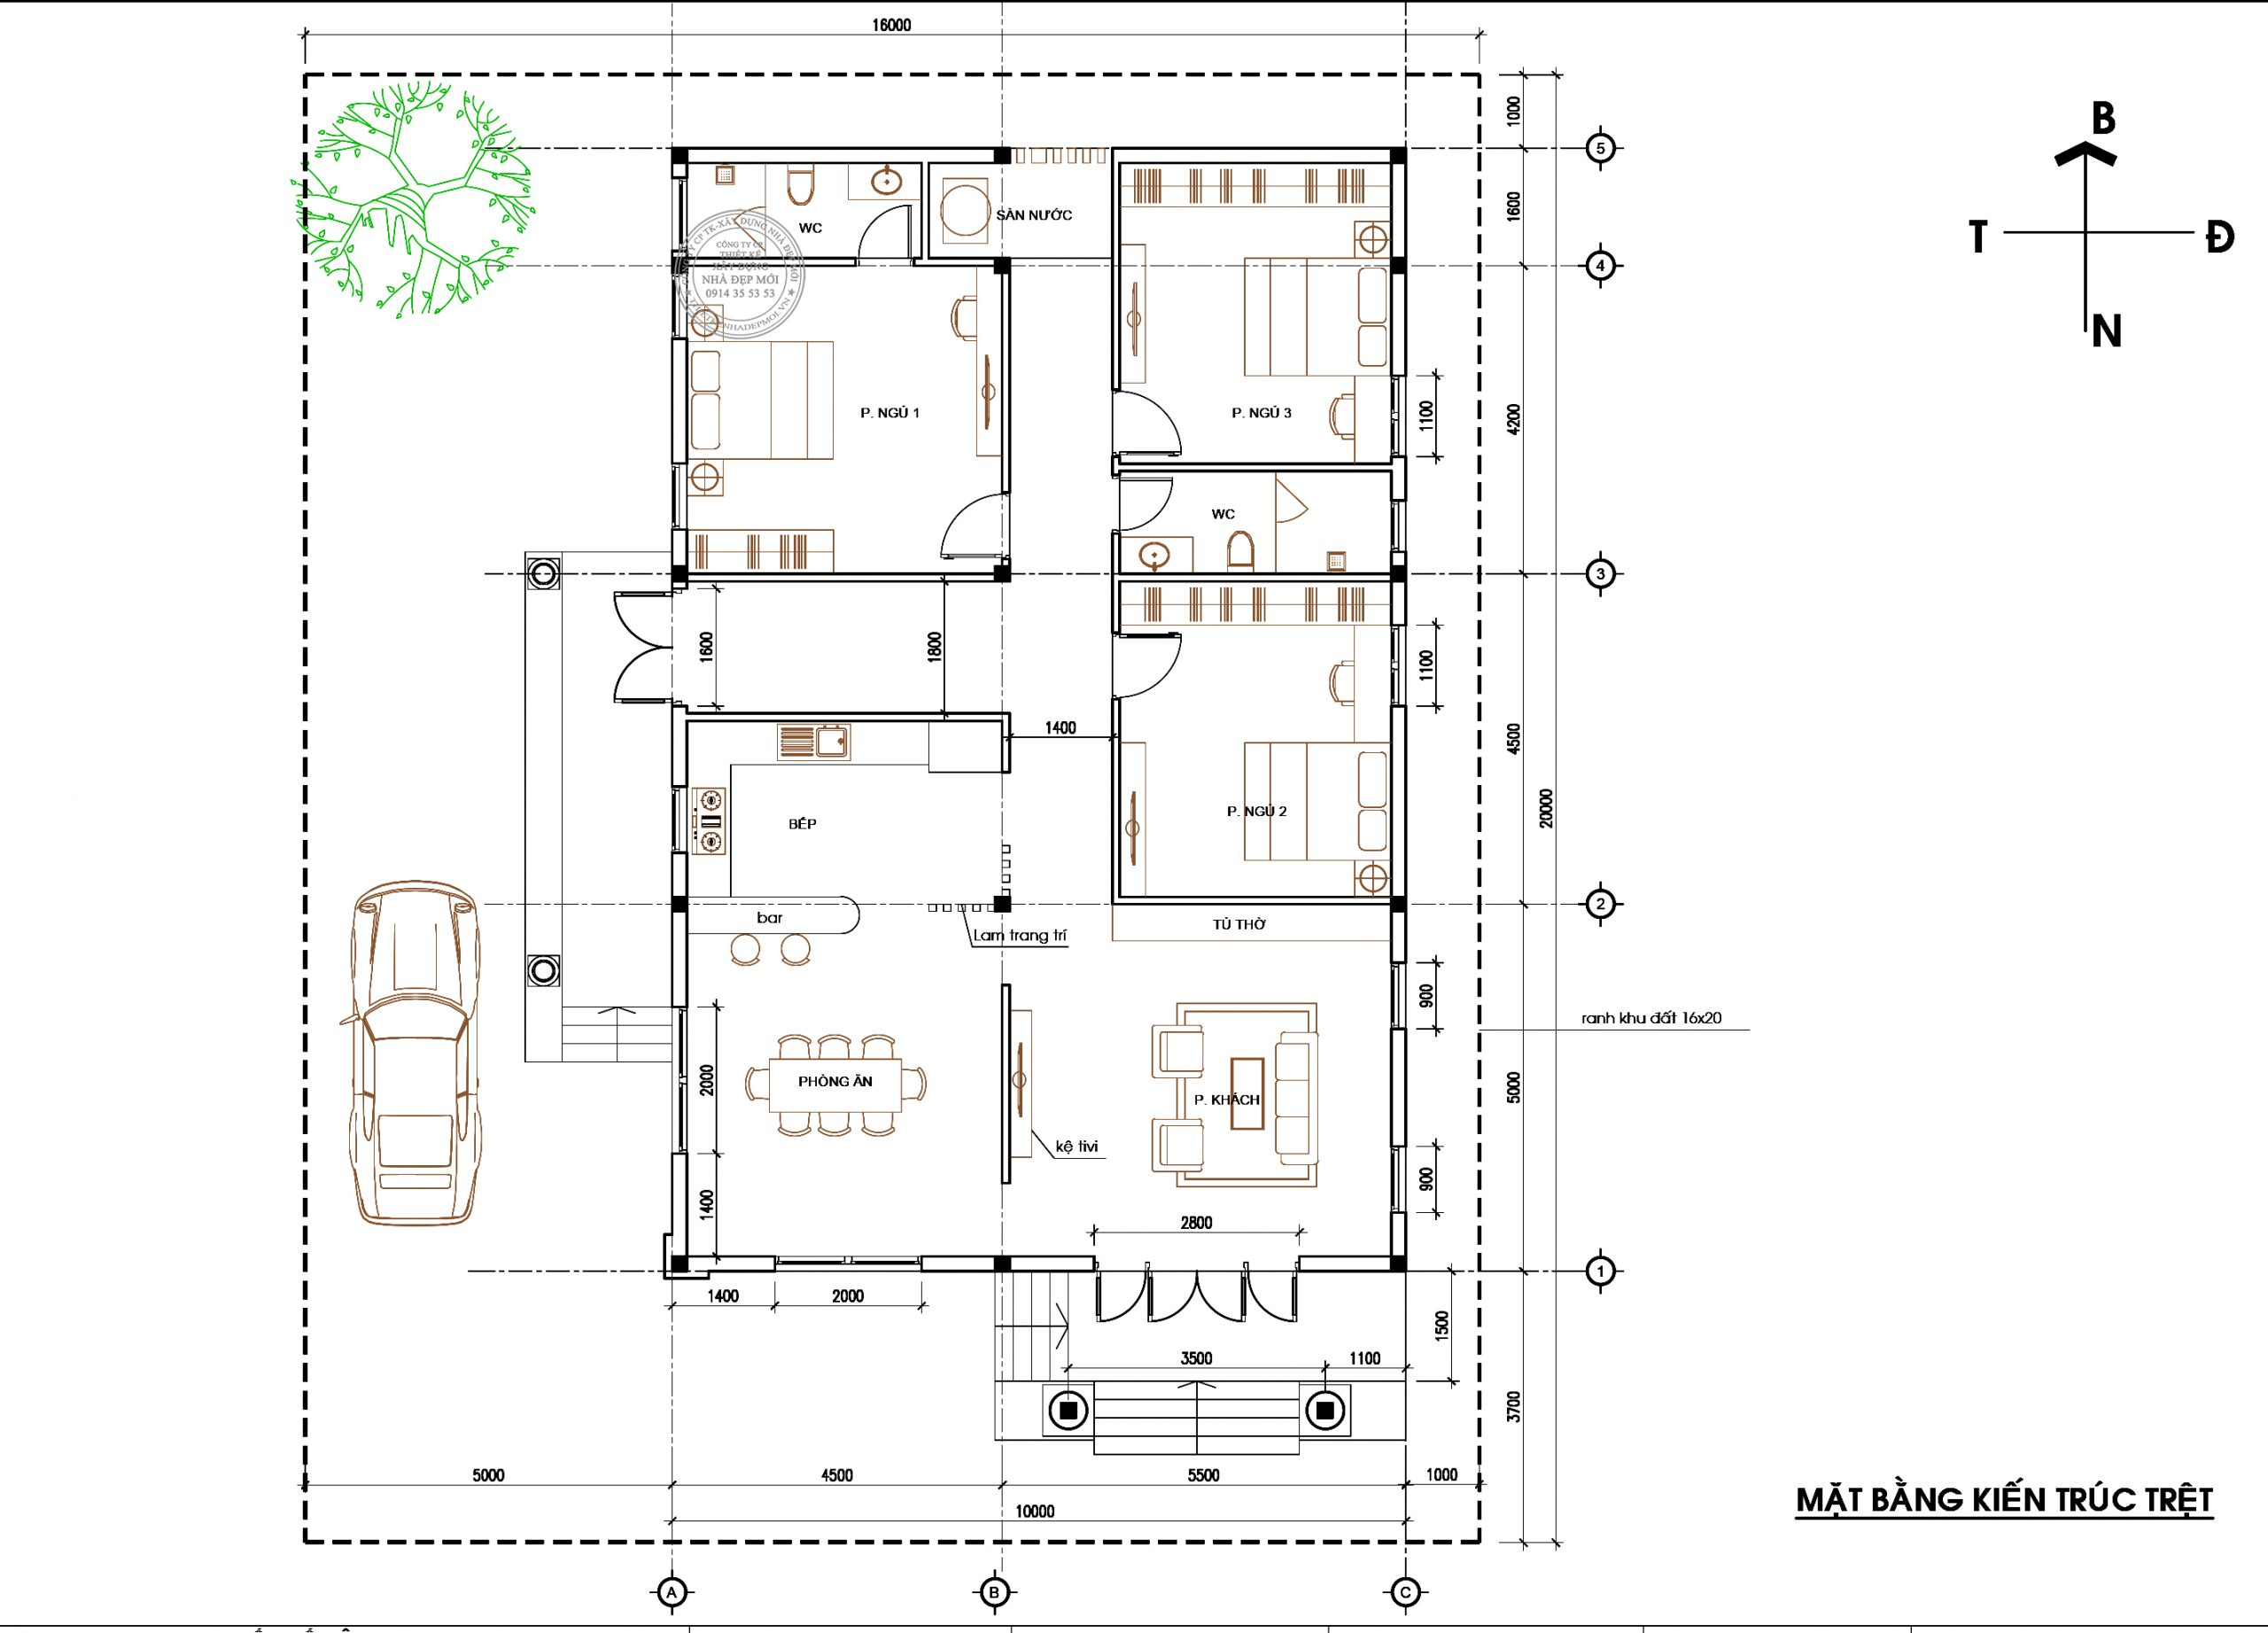 Bảng vẽ tầng trệt của mẫu nhà mái thái